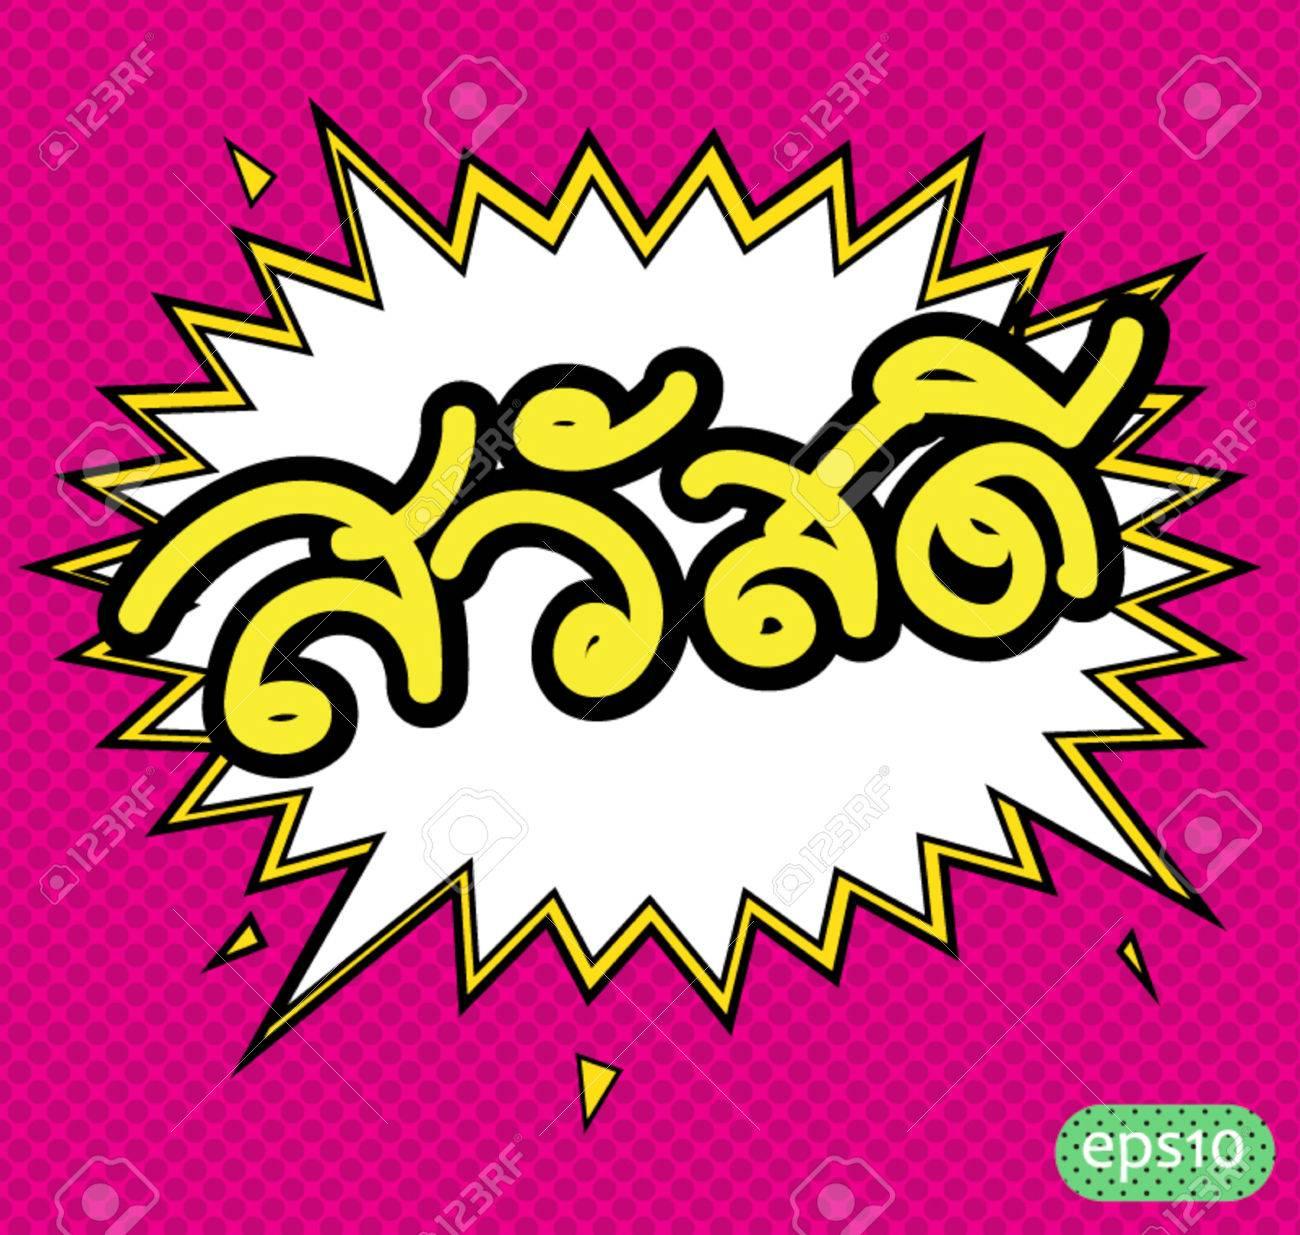 Bonjour En Thaï Texte Sawasdee Comique Vecteur Icône